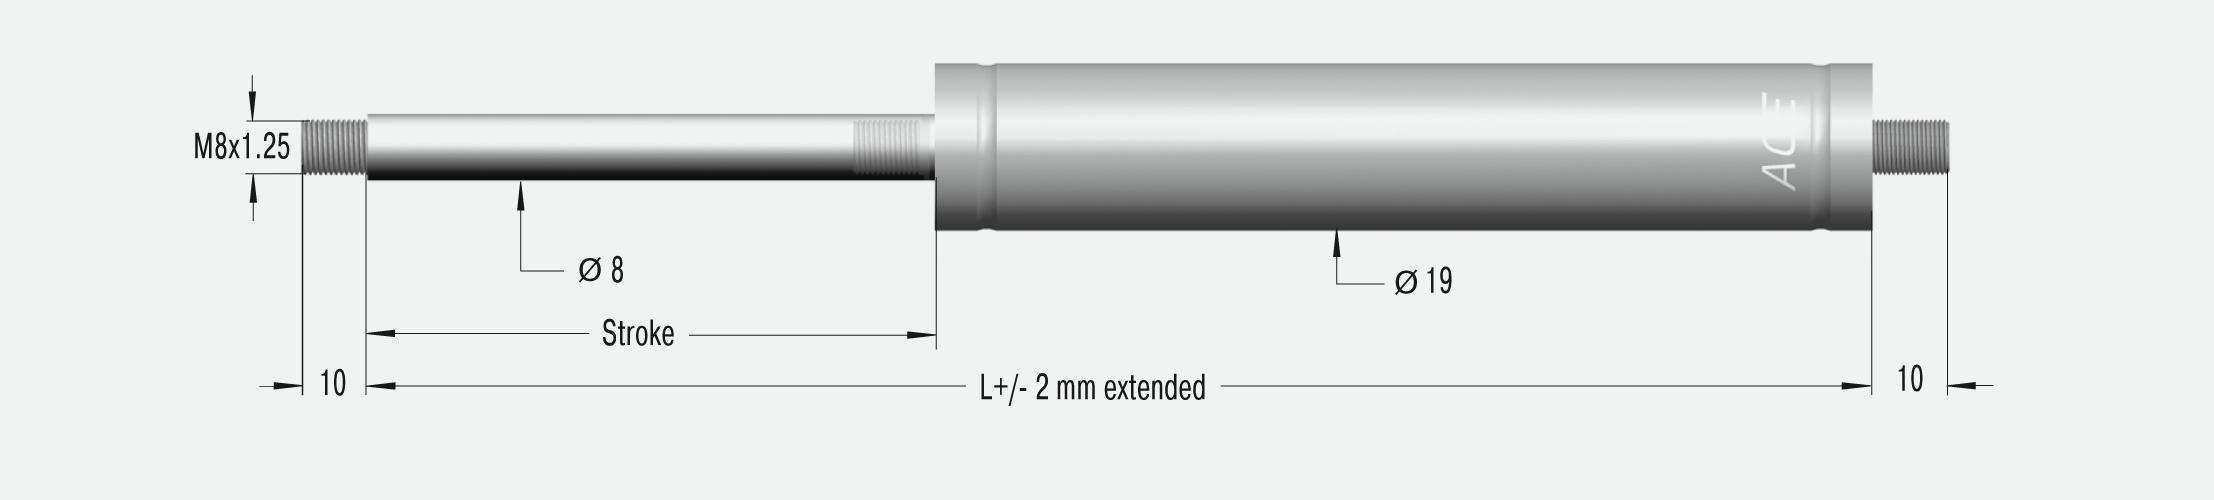 GS-19-200-V4A